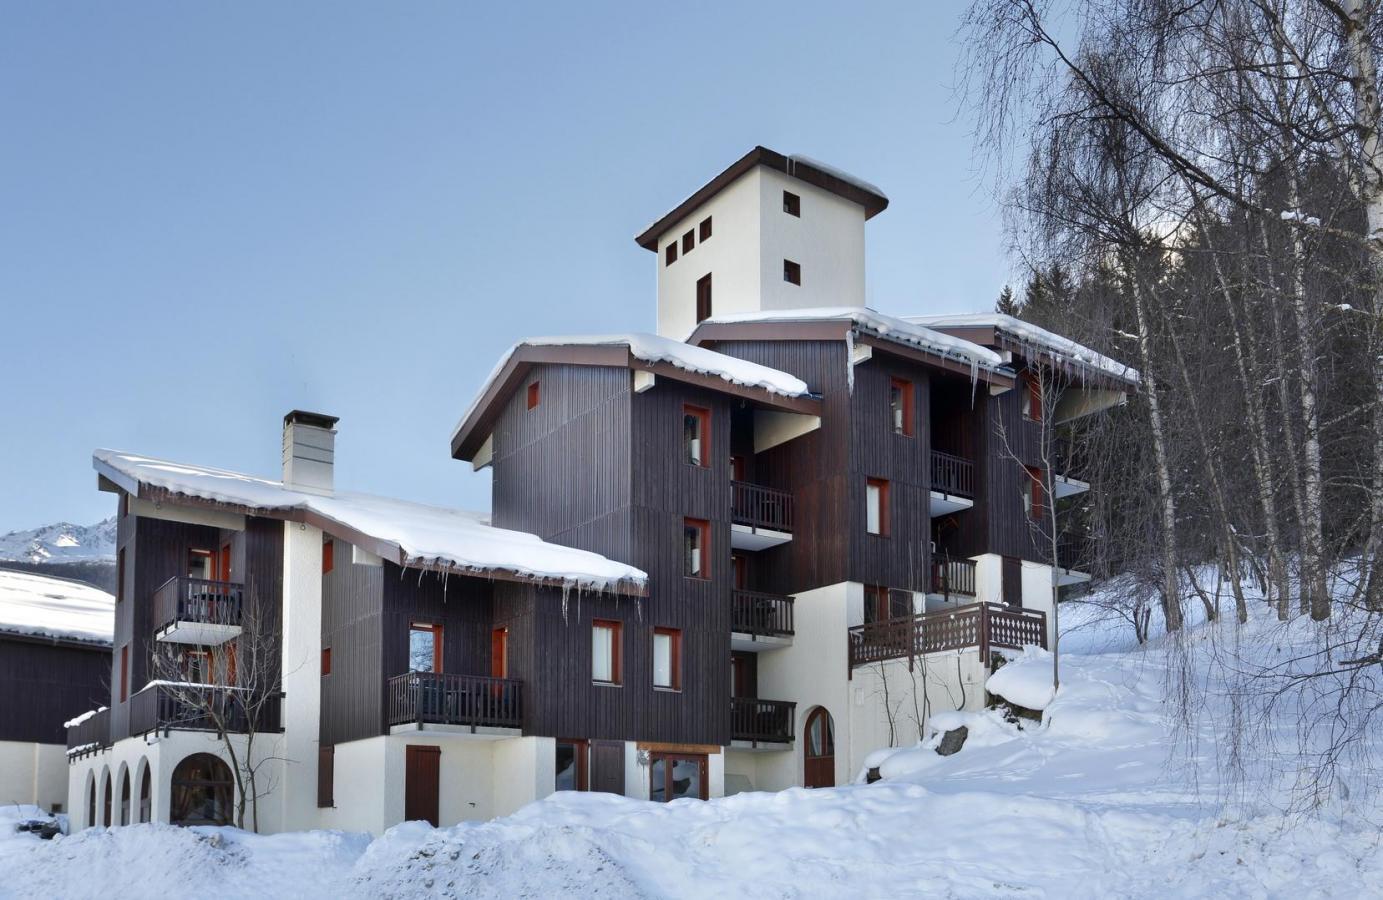 Location Residence Le Chalet De Montchavin